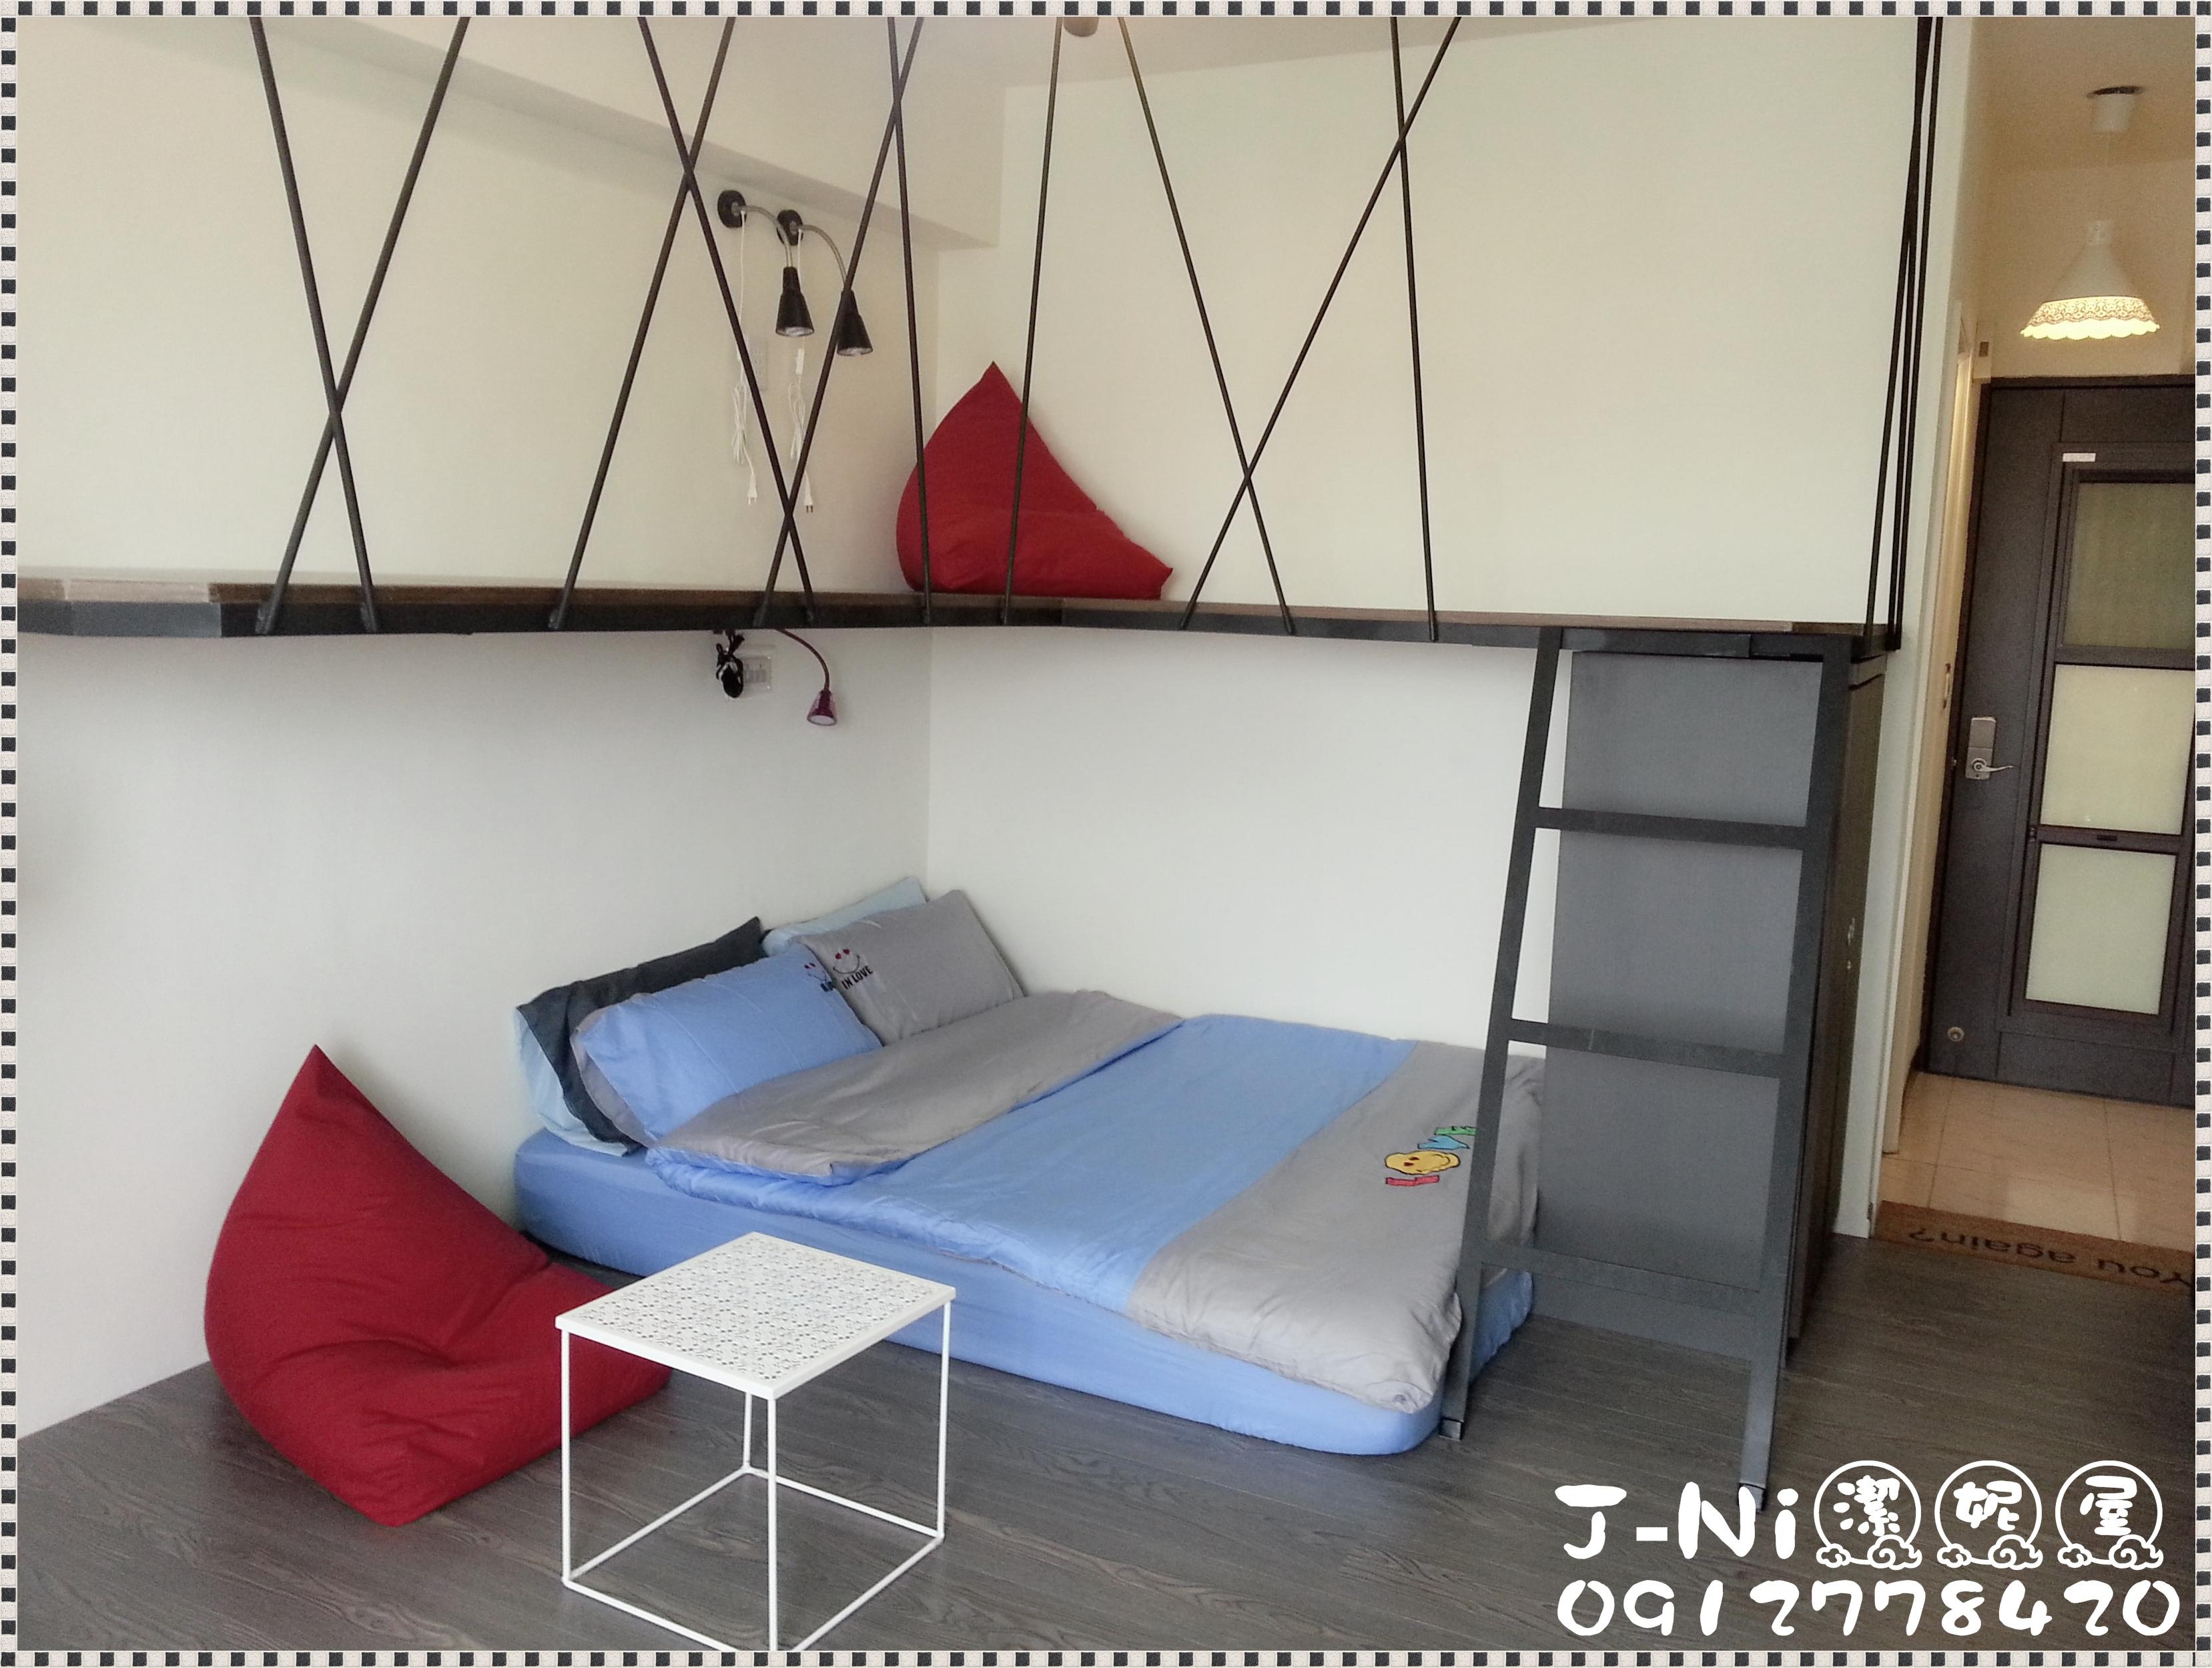 jni2 (4)